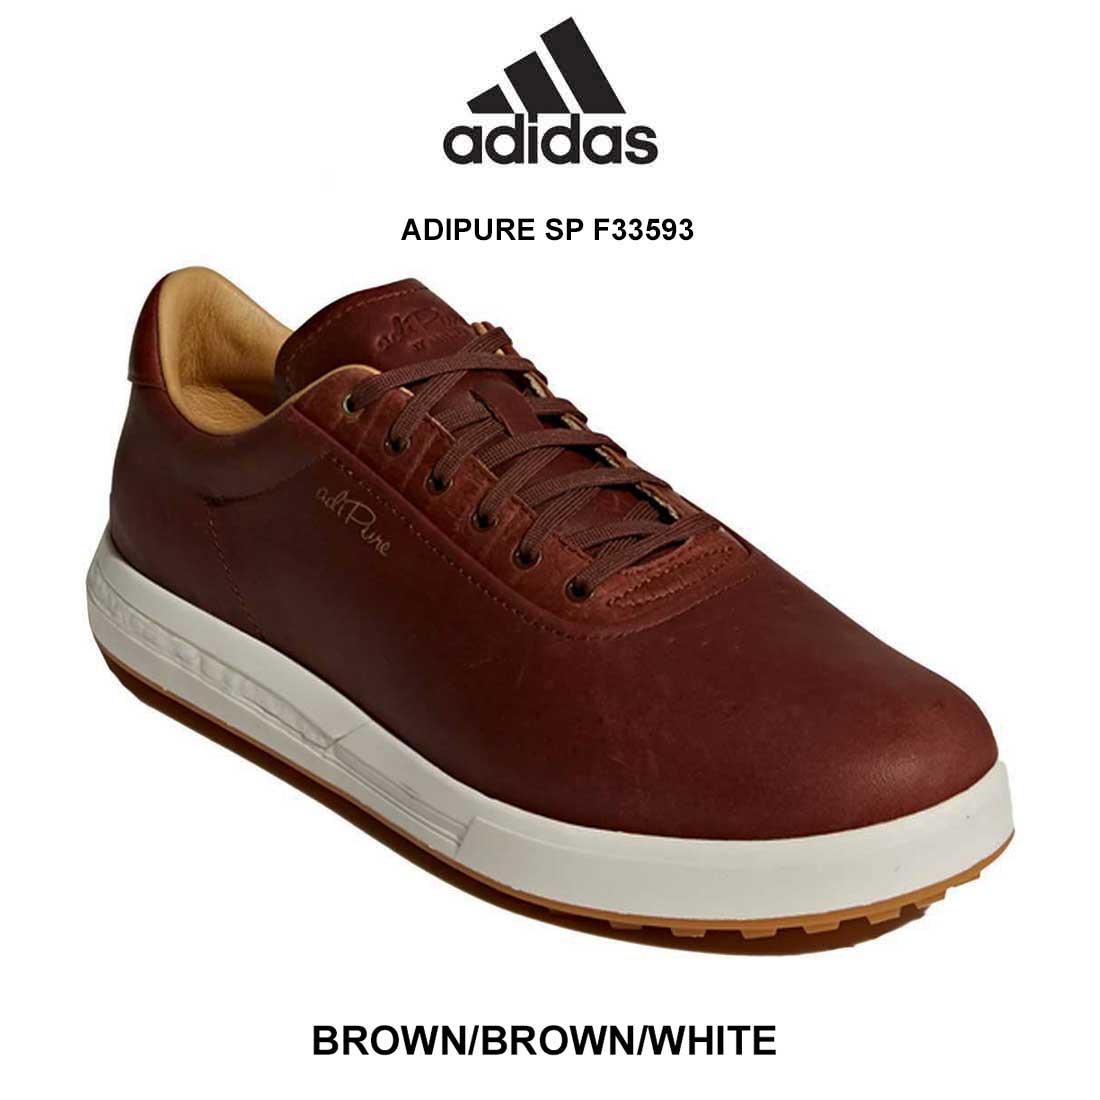 adidas(アディダス)ゴルフシューズ レザー スパイクレス メンズ ADIPURE SP F33593